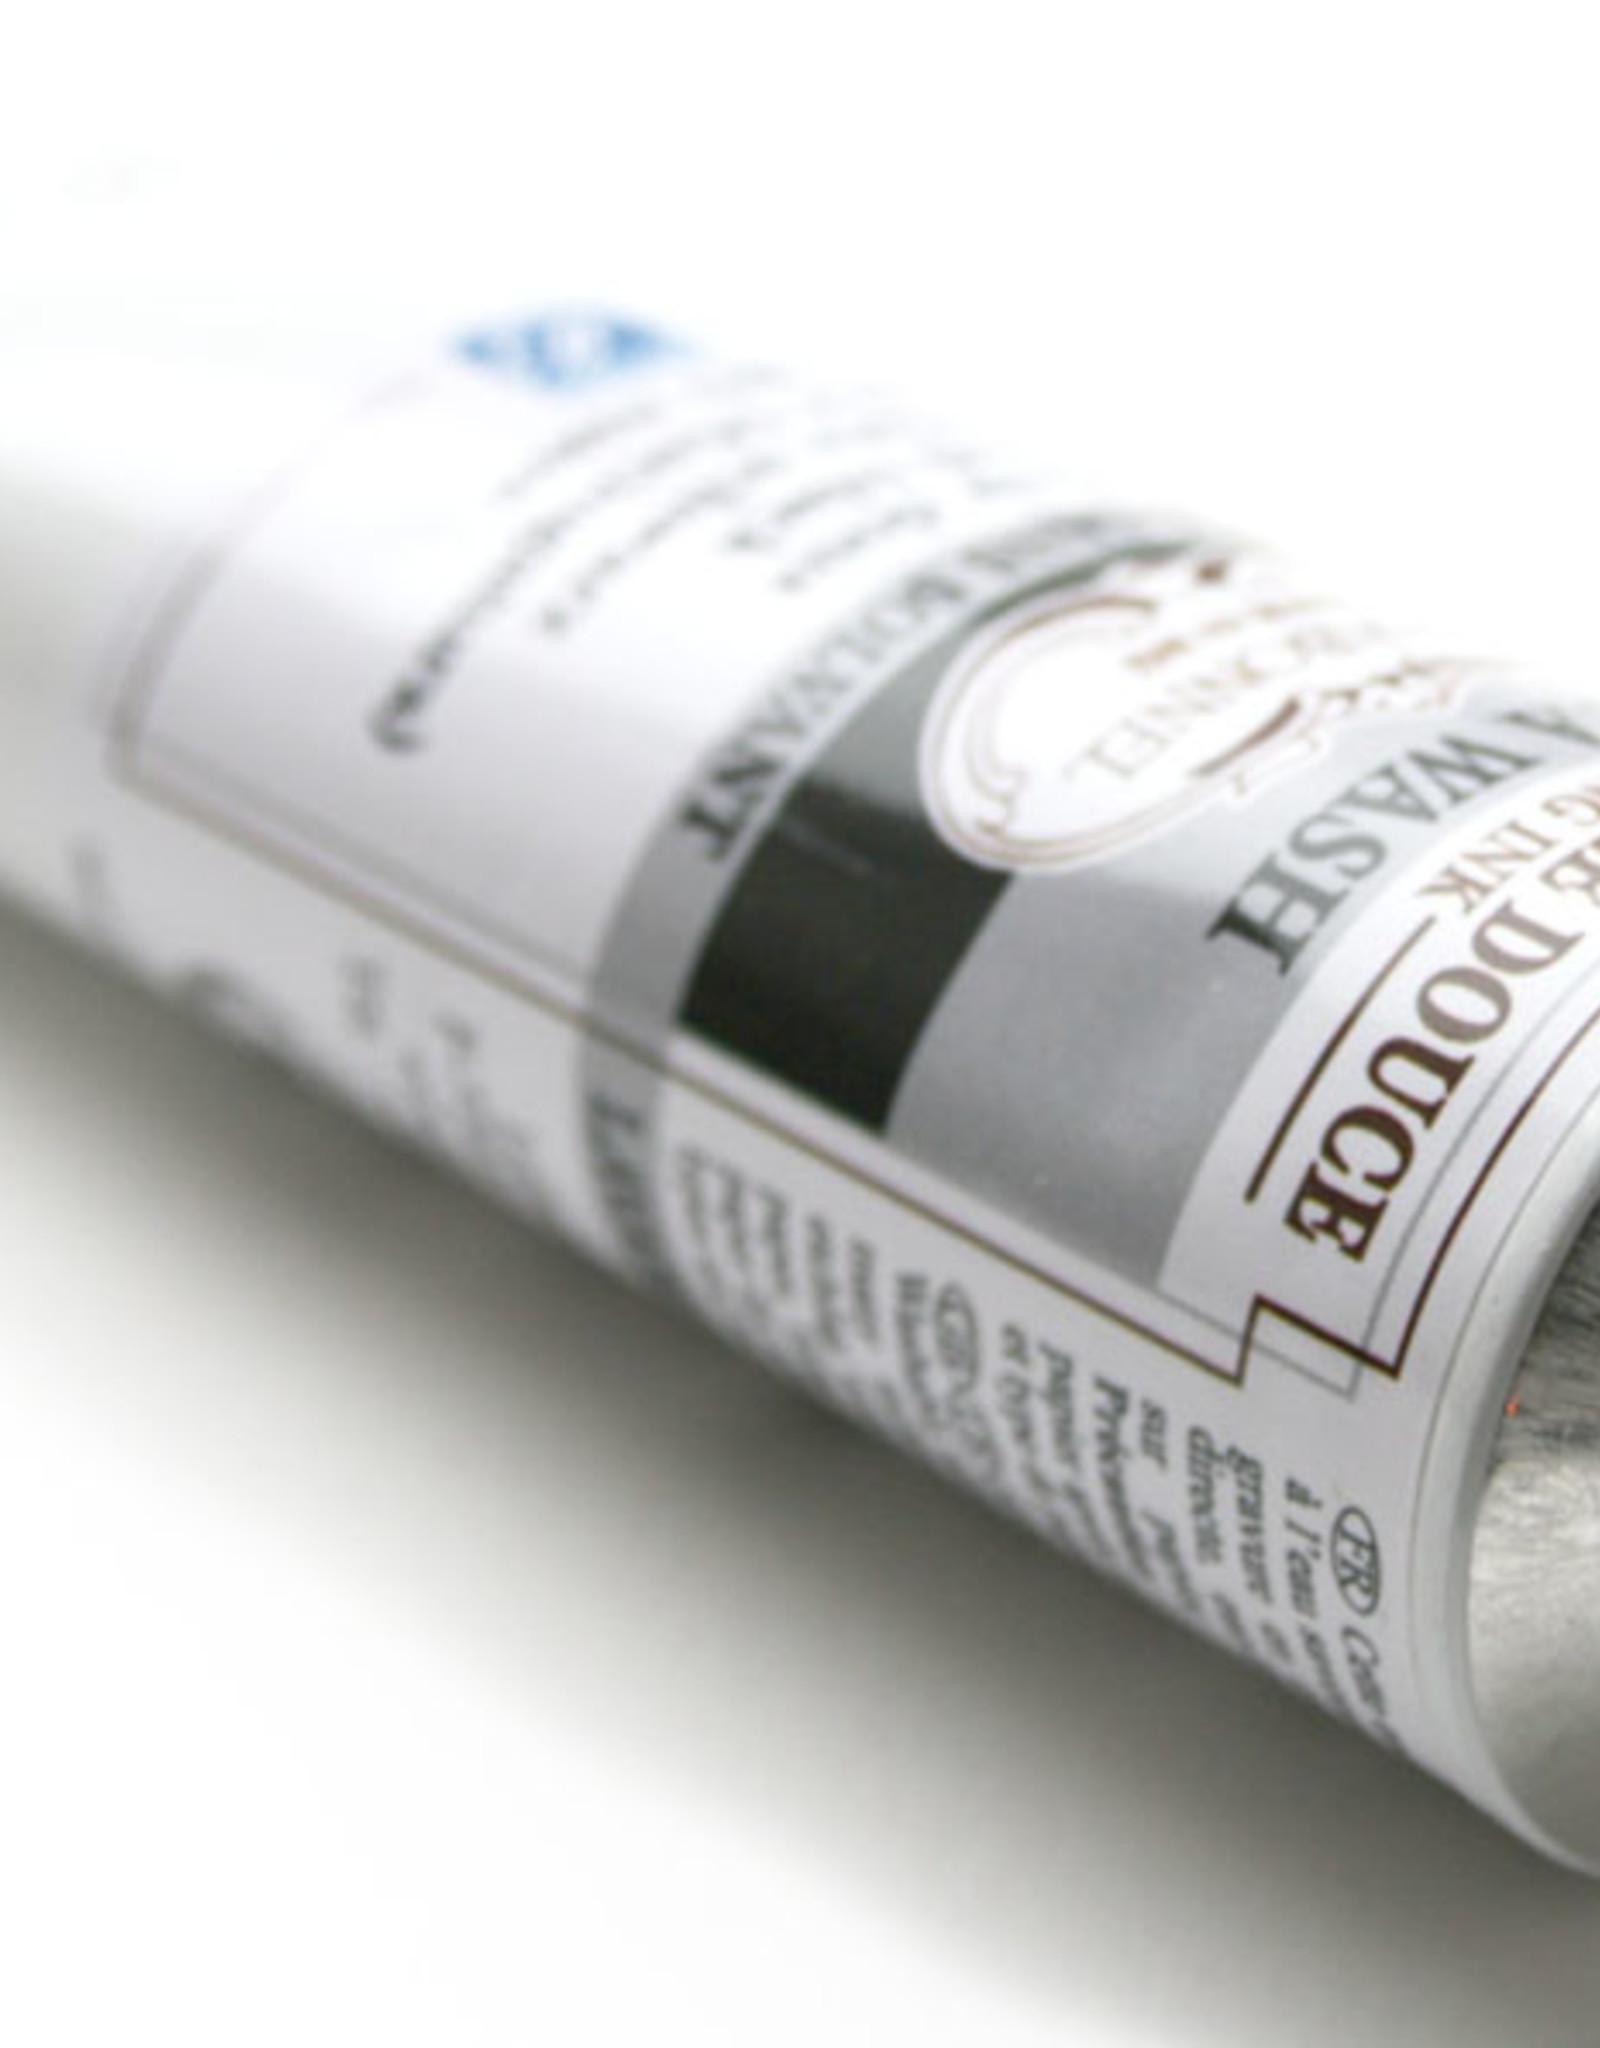 L&B Charbonnel Etsinkt Aqua Wash 60ml Zwart Doux / Doux Black Serie 2 no 285